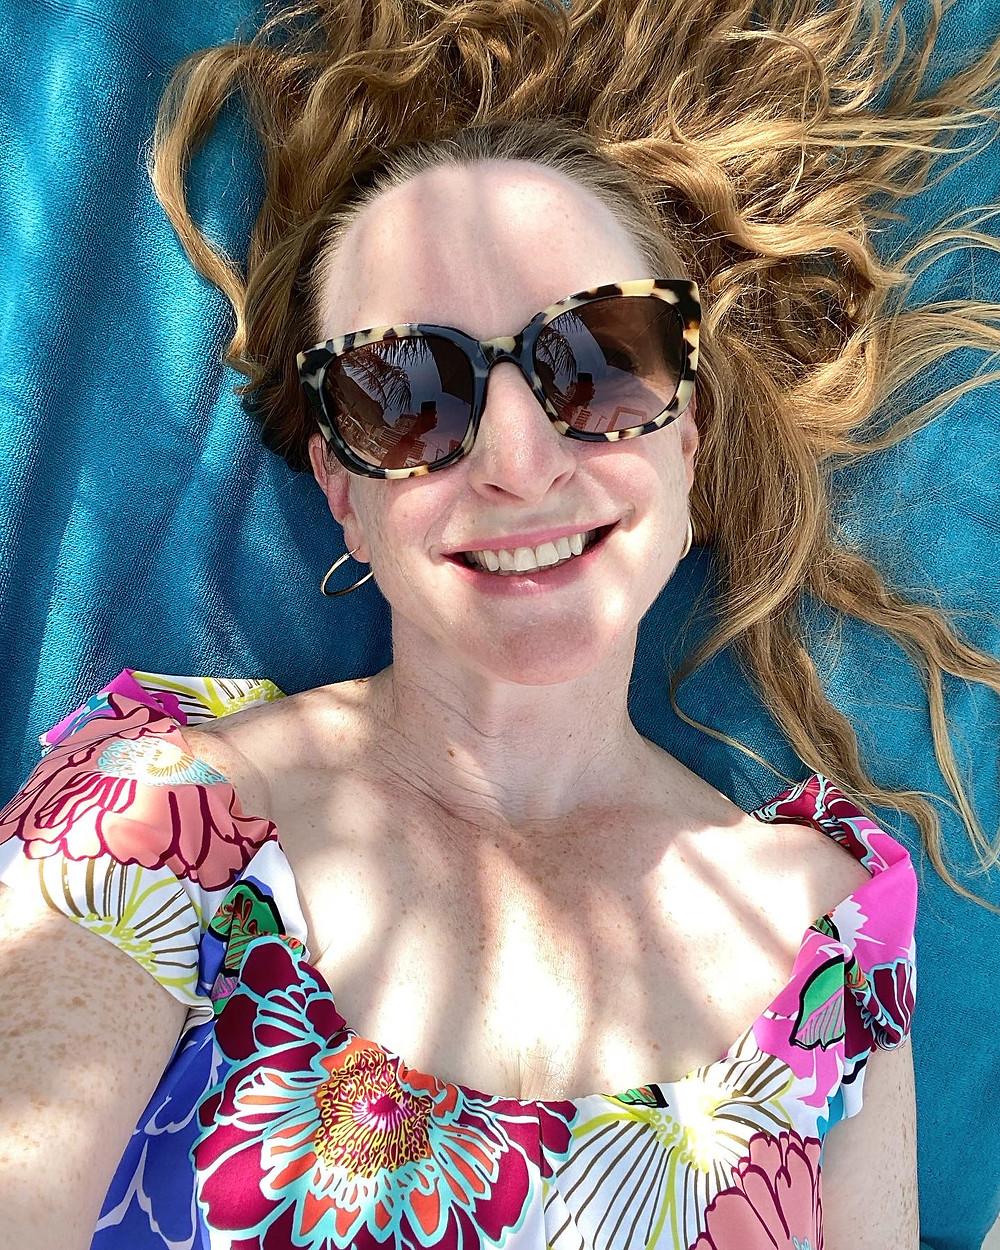 Nicola Chilton at Drift Beach Club in Dubai